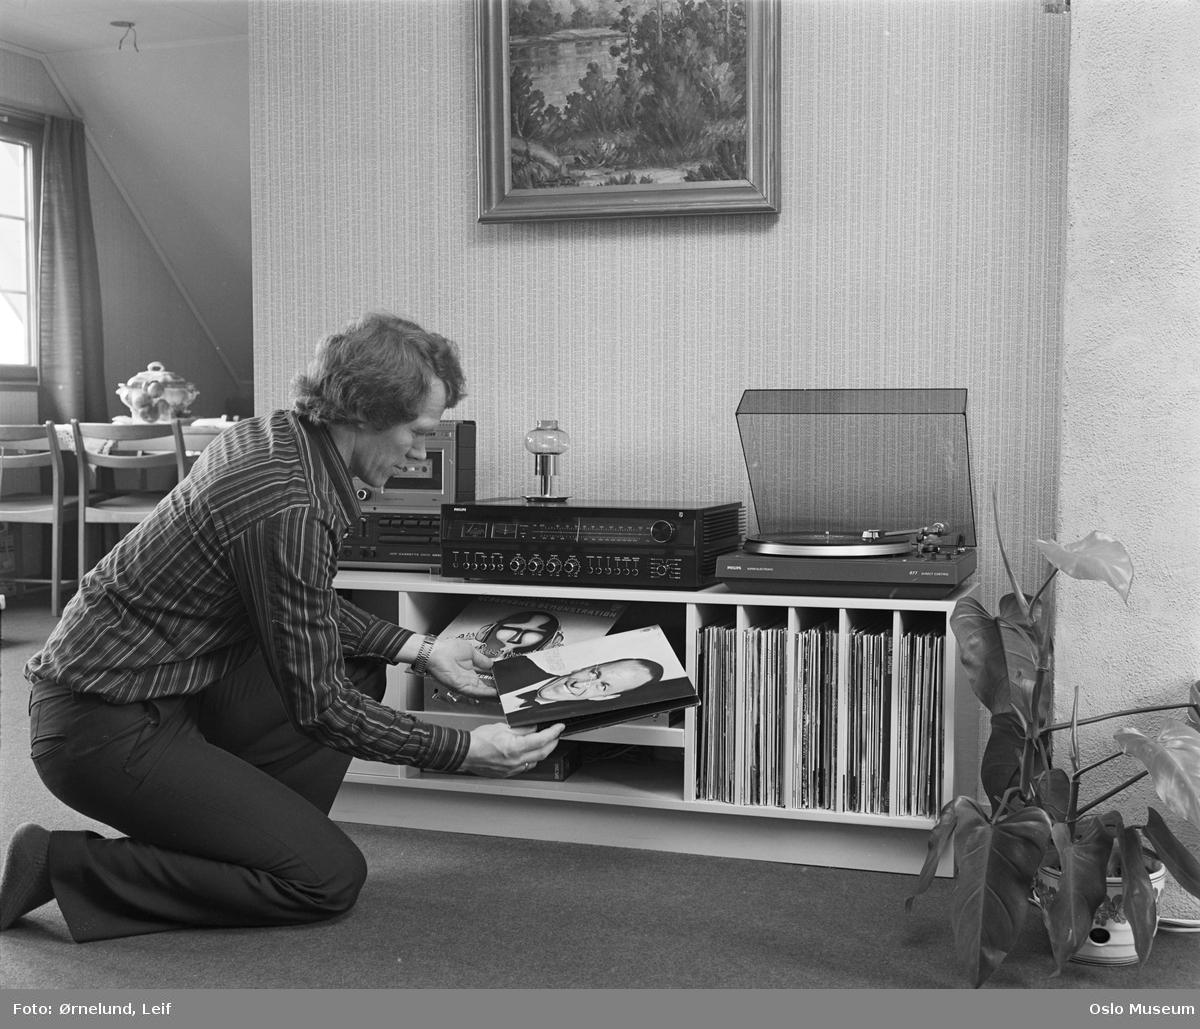 Ultra Philips stereoanlegg. - Oslo Museum / DigitaltMuseum JE-48